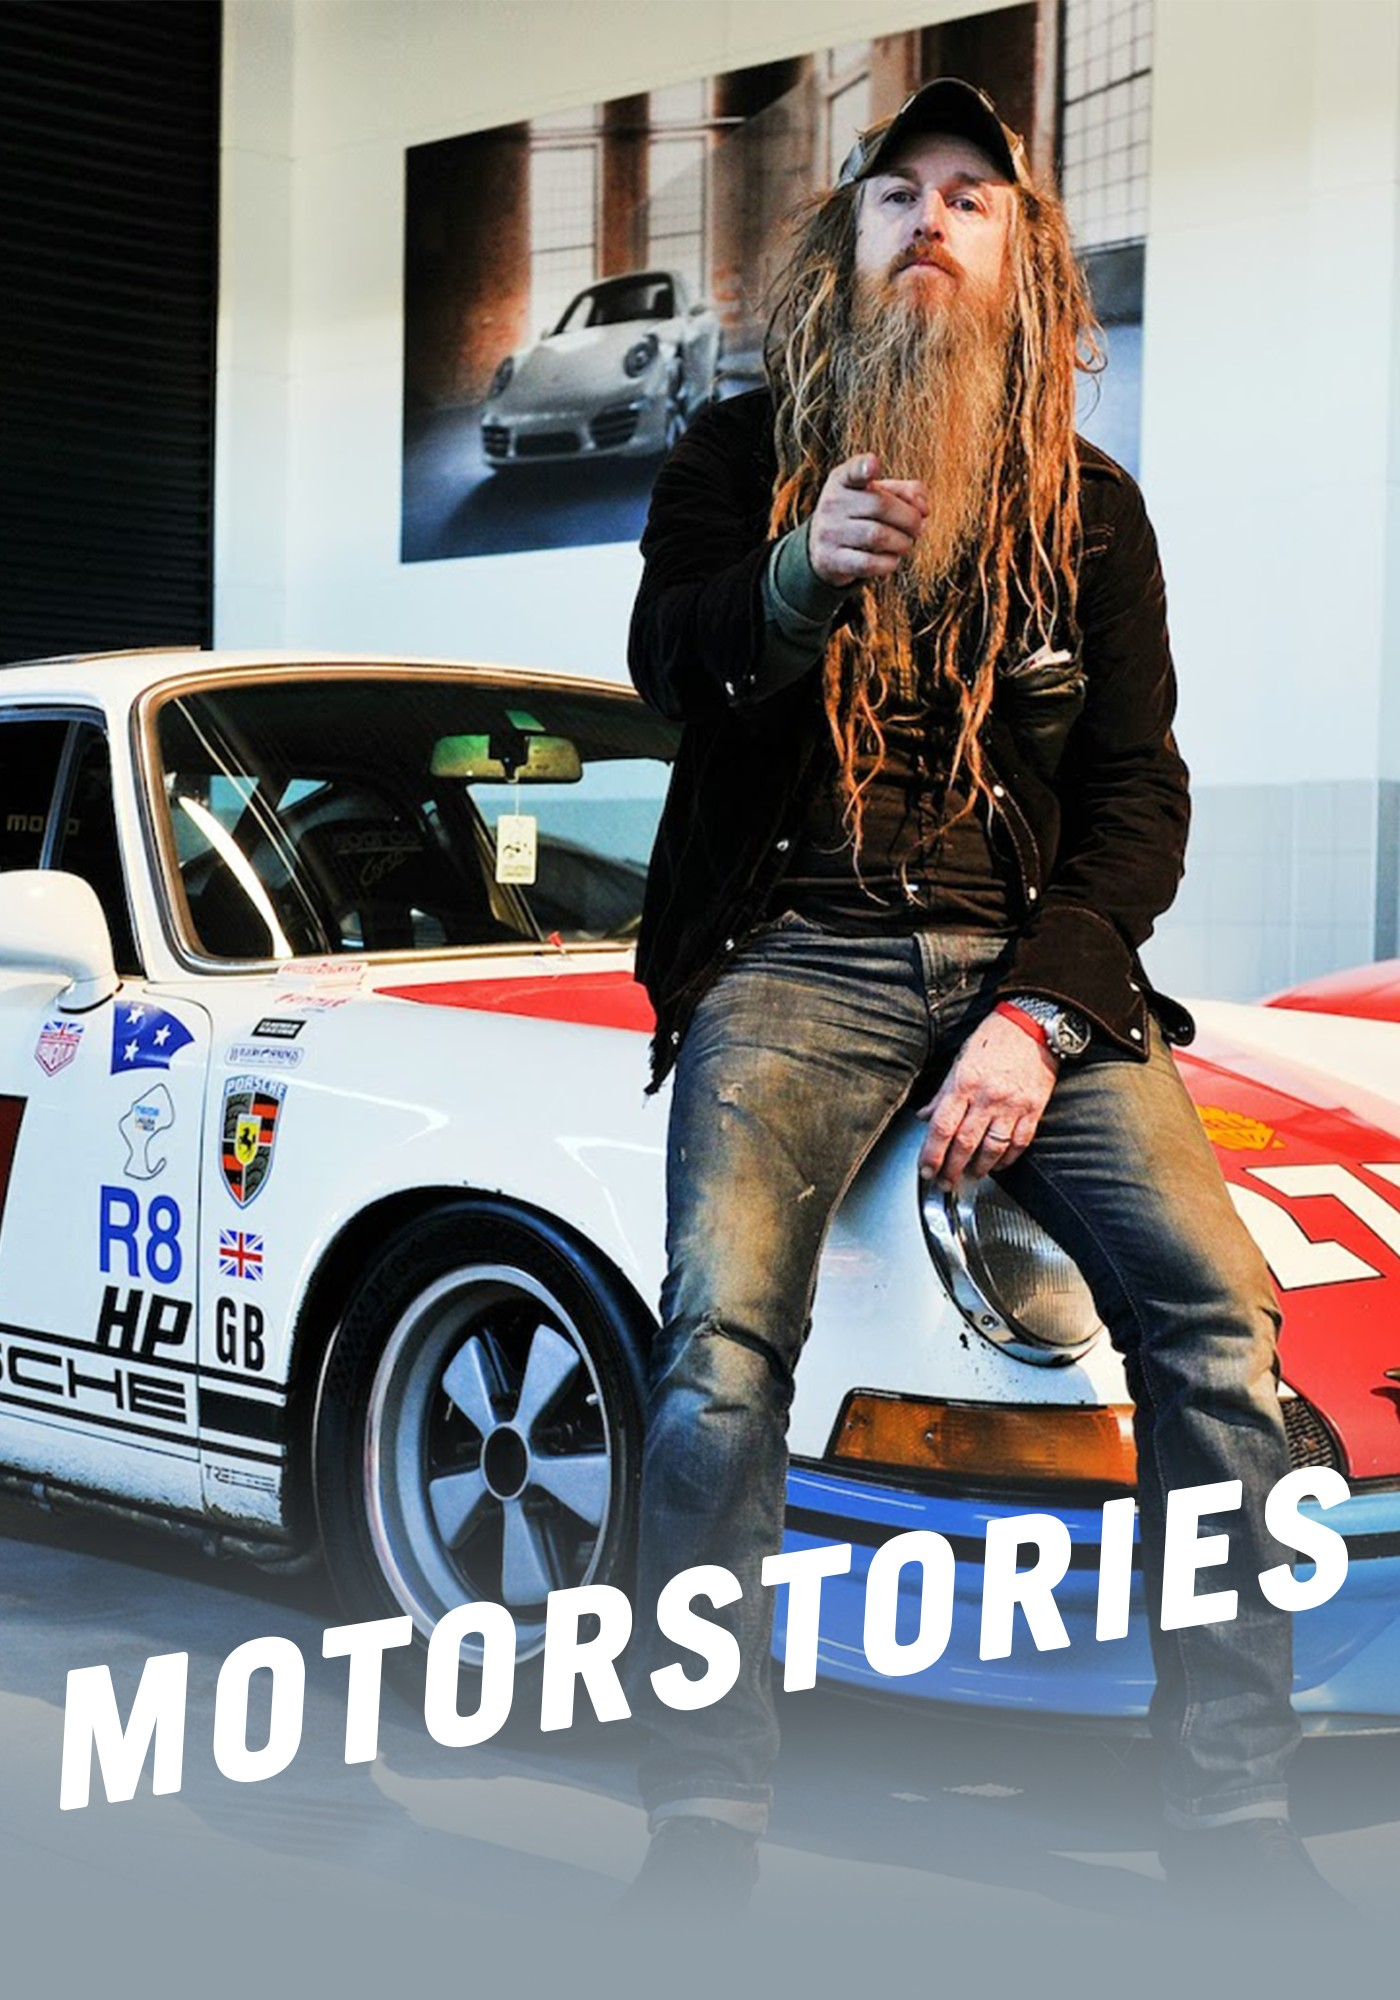 MotorStories